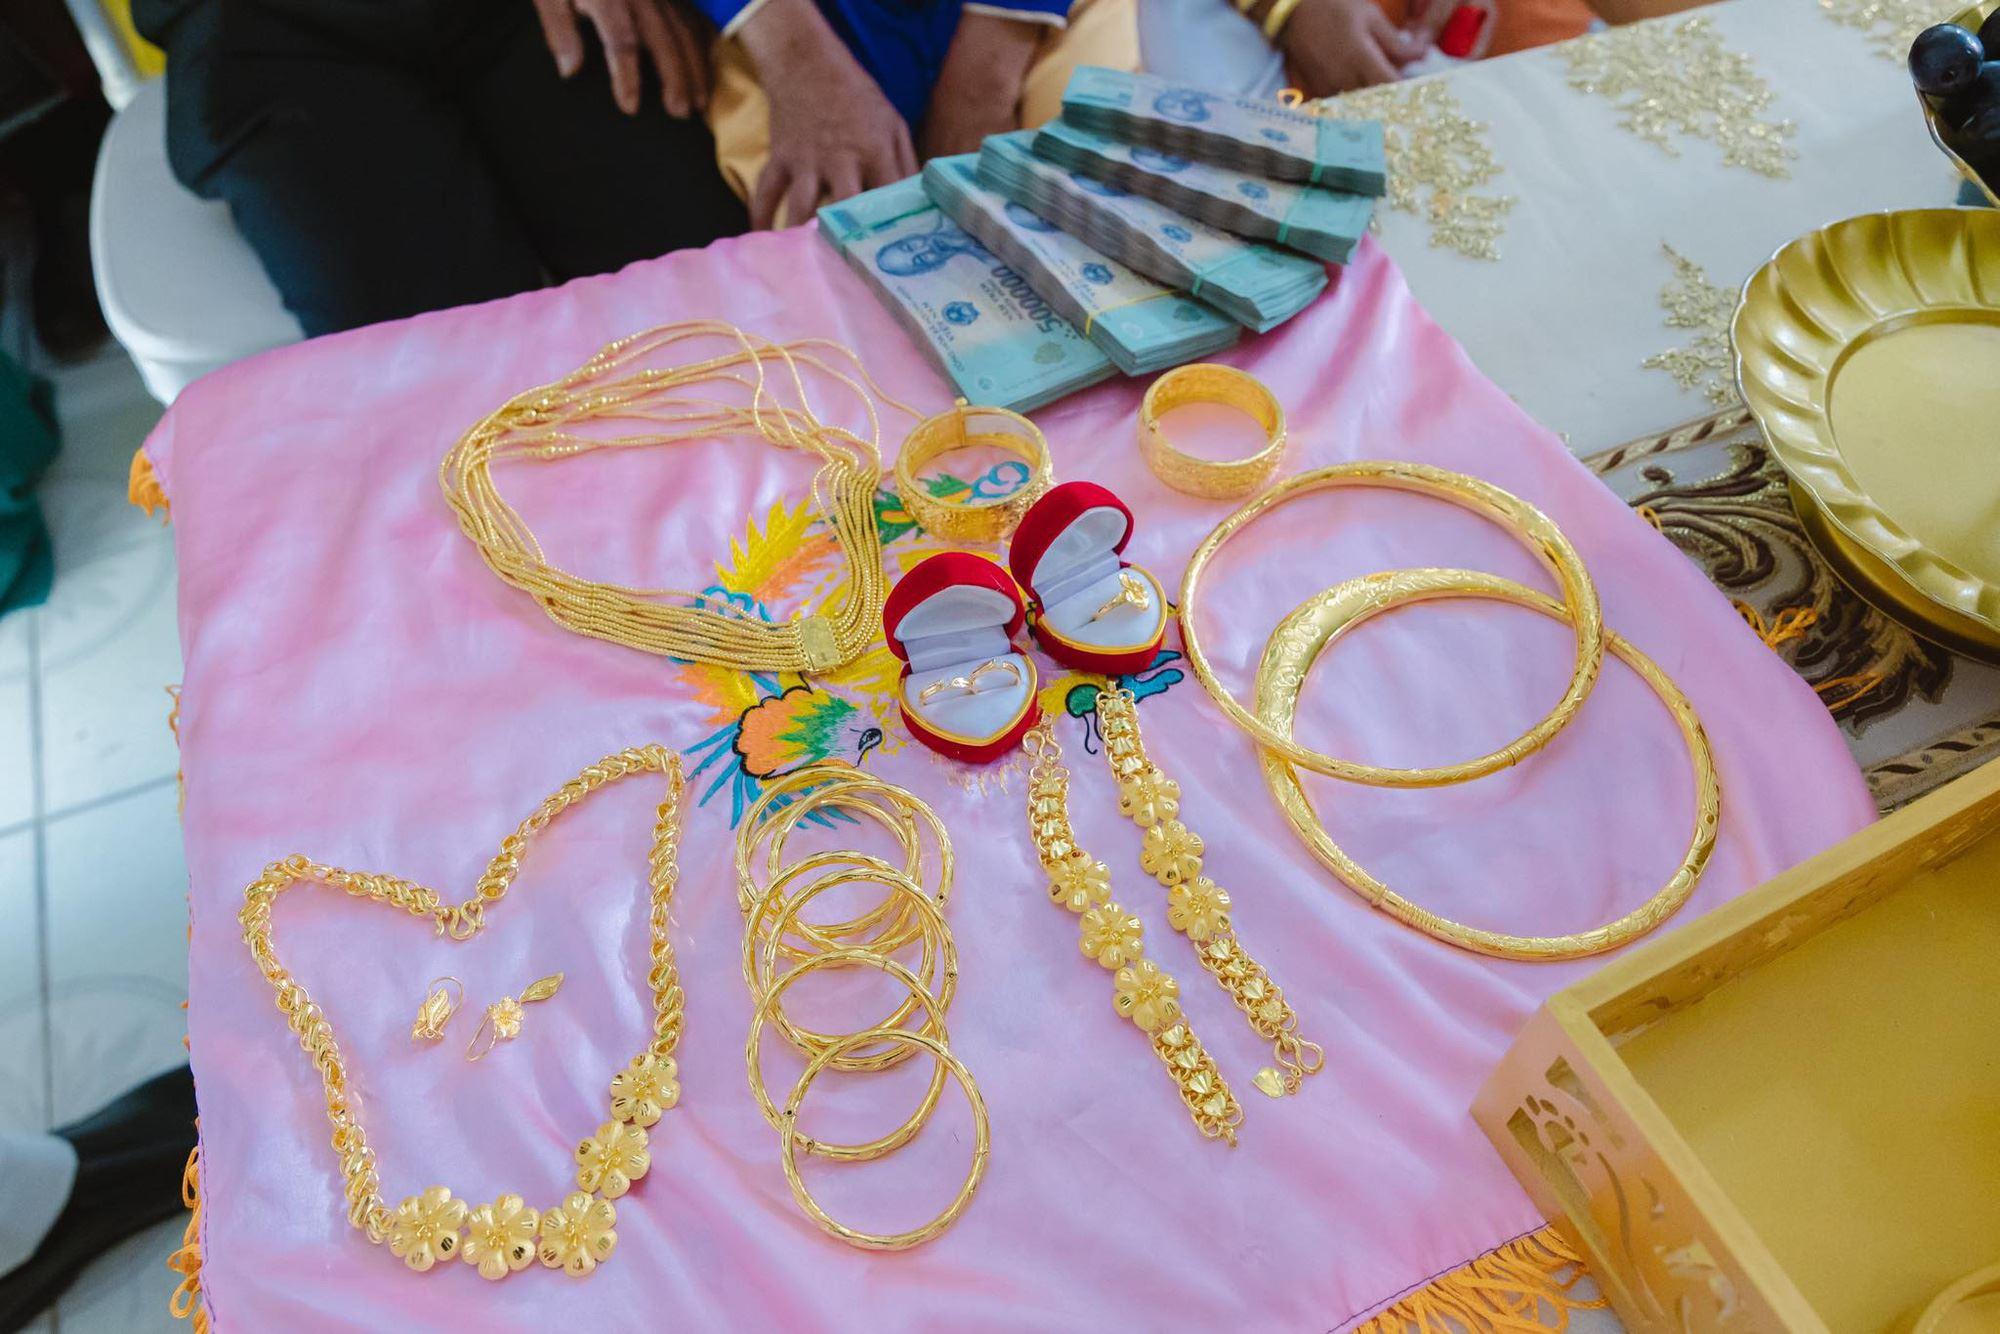 Cô dâu 18 tuổi được tặng 20 cây vàng đeo trĩu người gây bão: Tiết lộ thêm về khoản tiền mặt bố mẹ chồng cho thêm ở đám cưới! 3